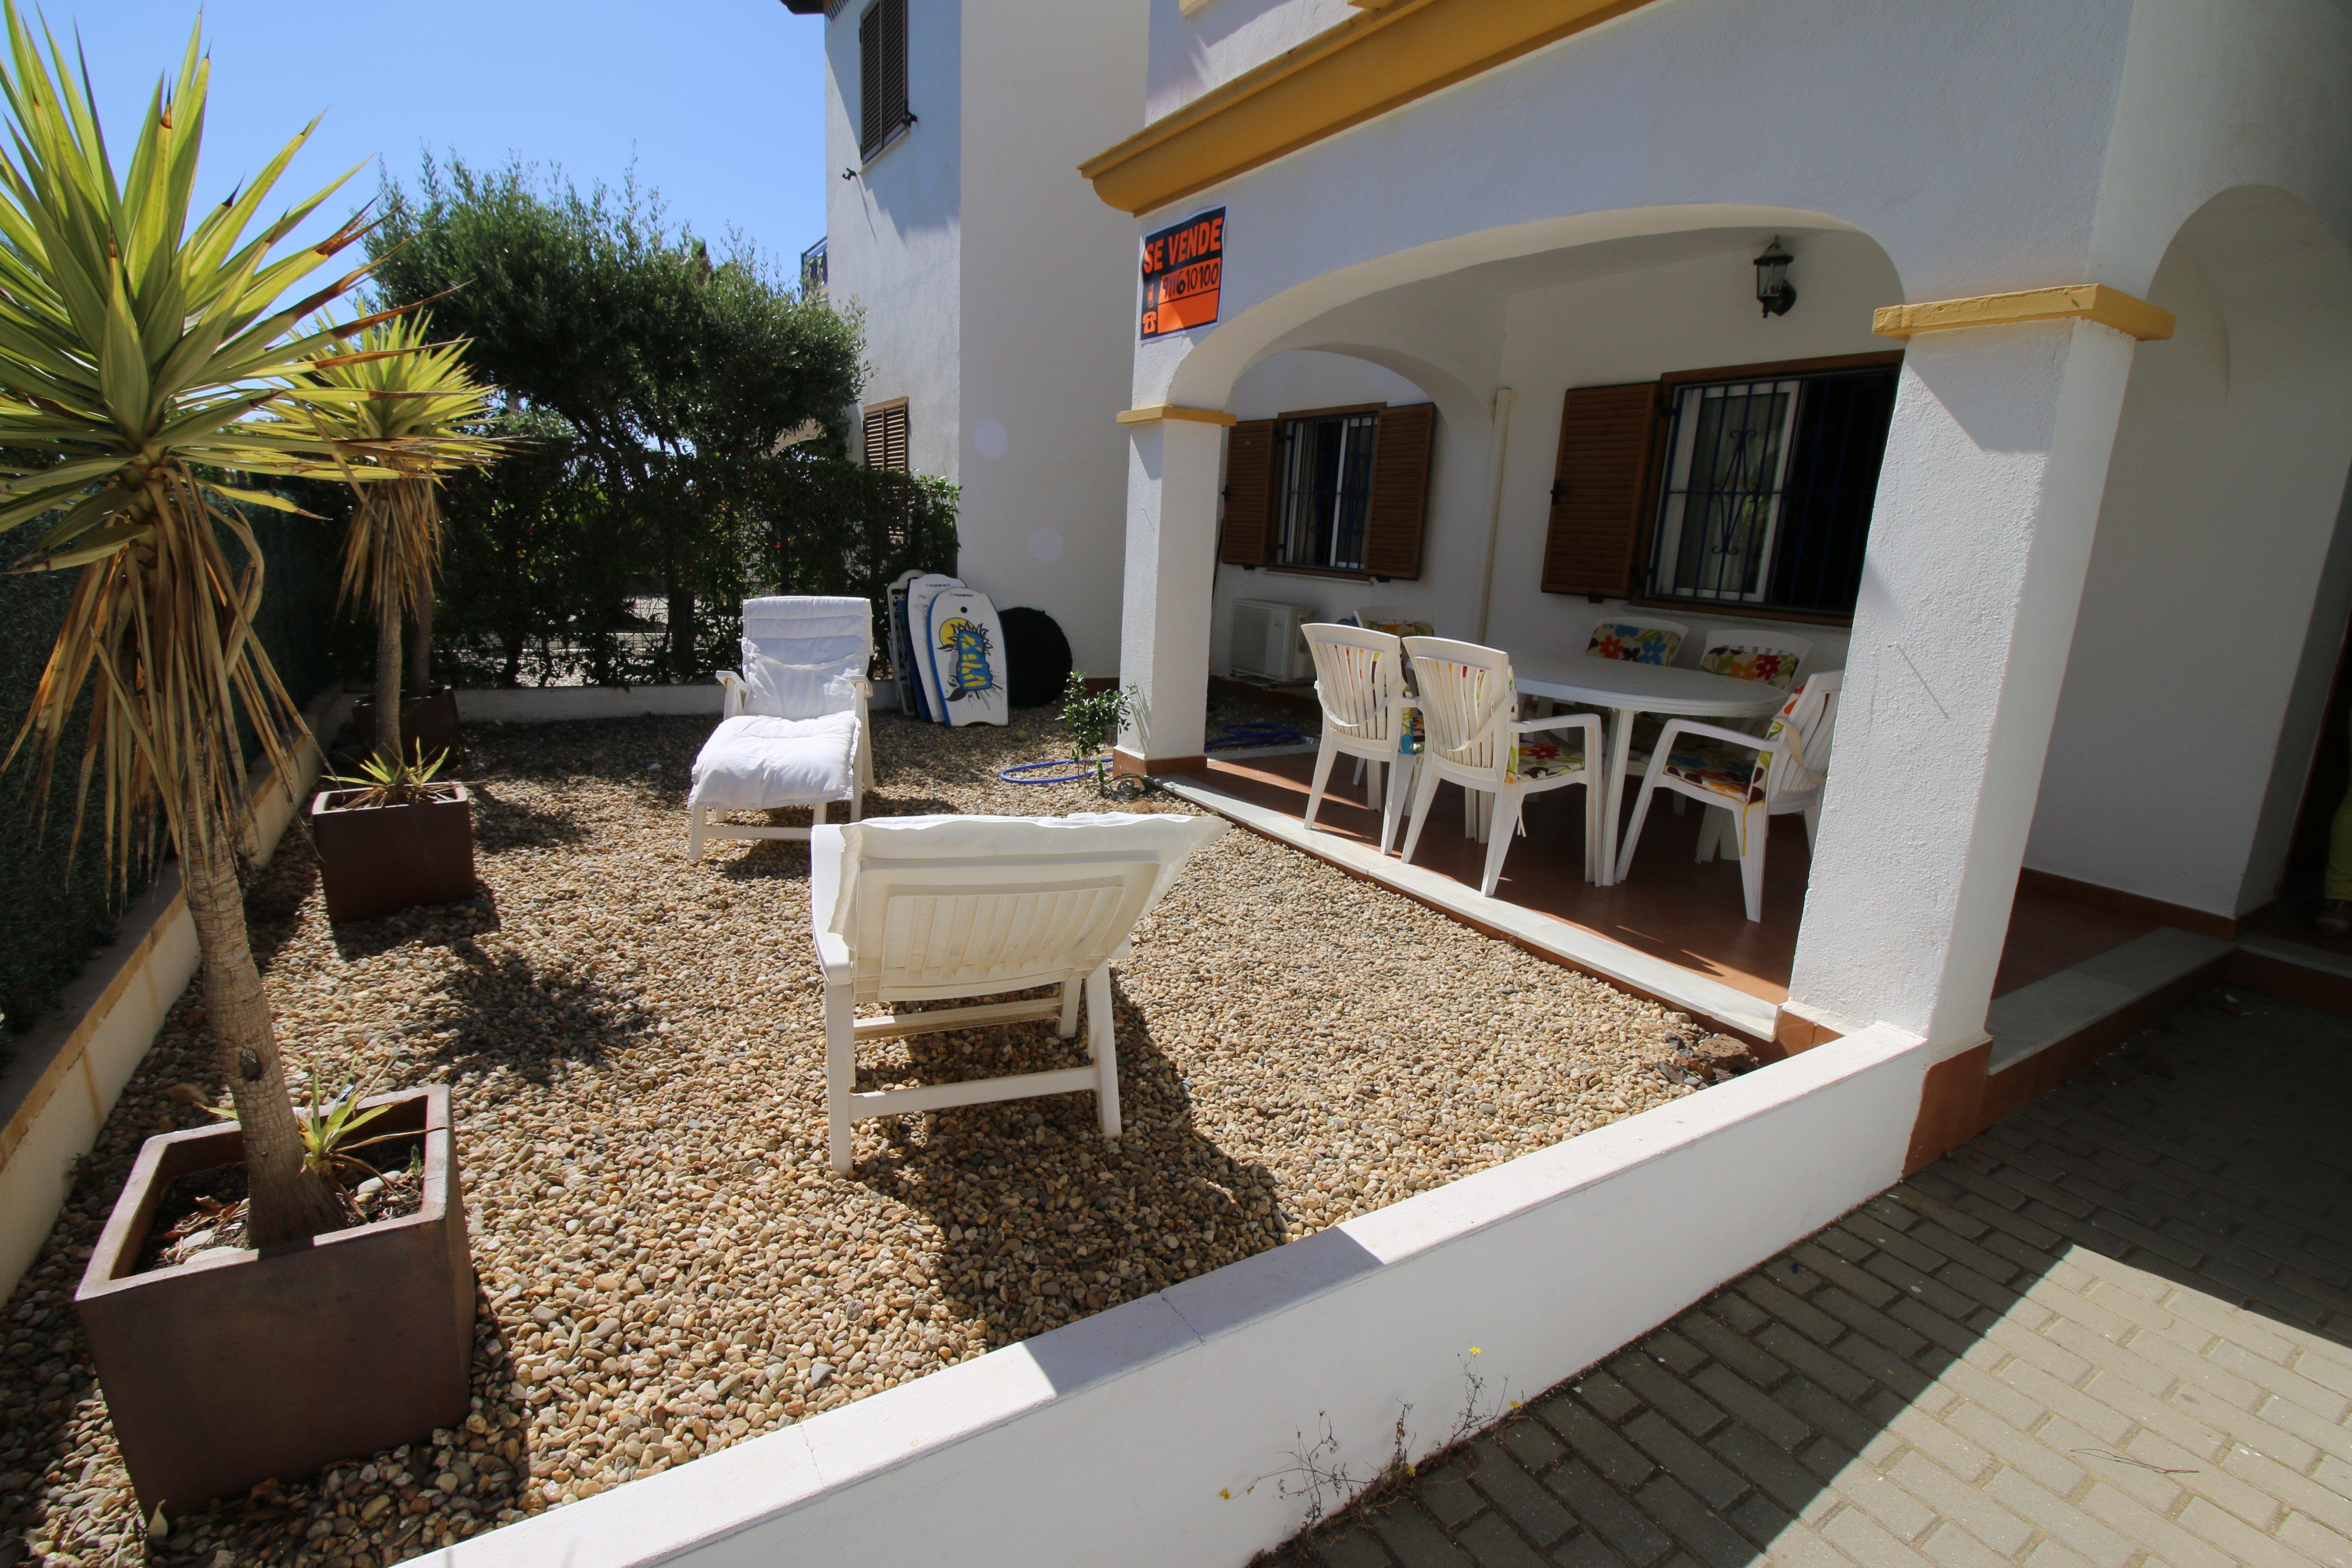 Alquiler de apartamento en Veramar 5 RA456